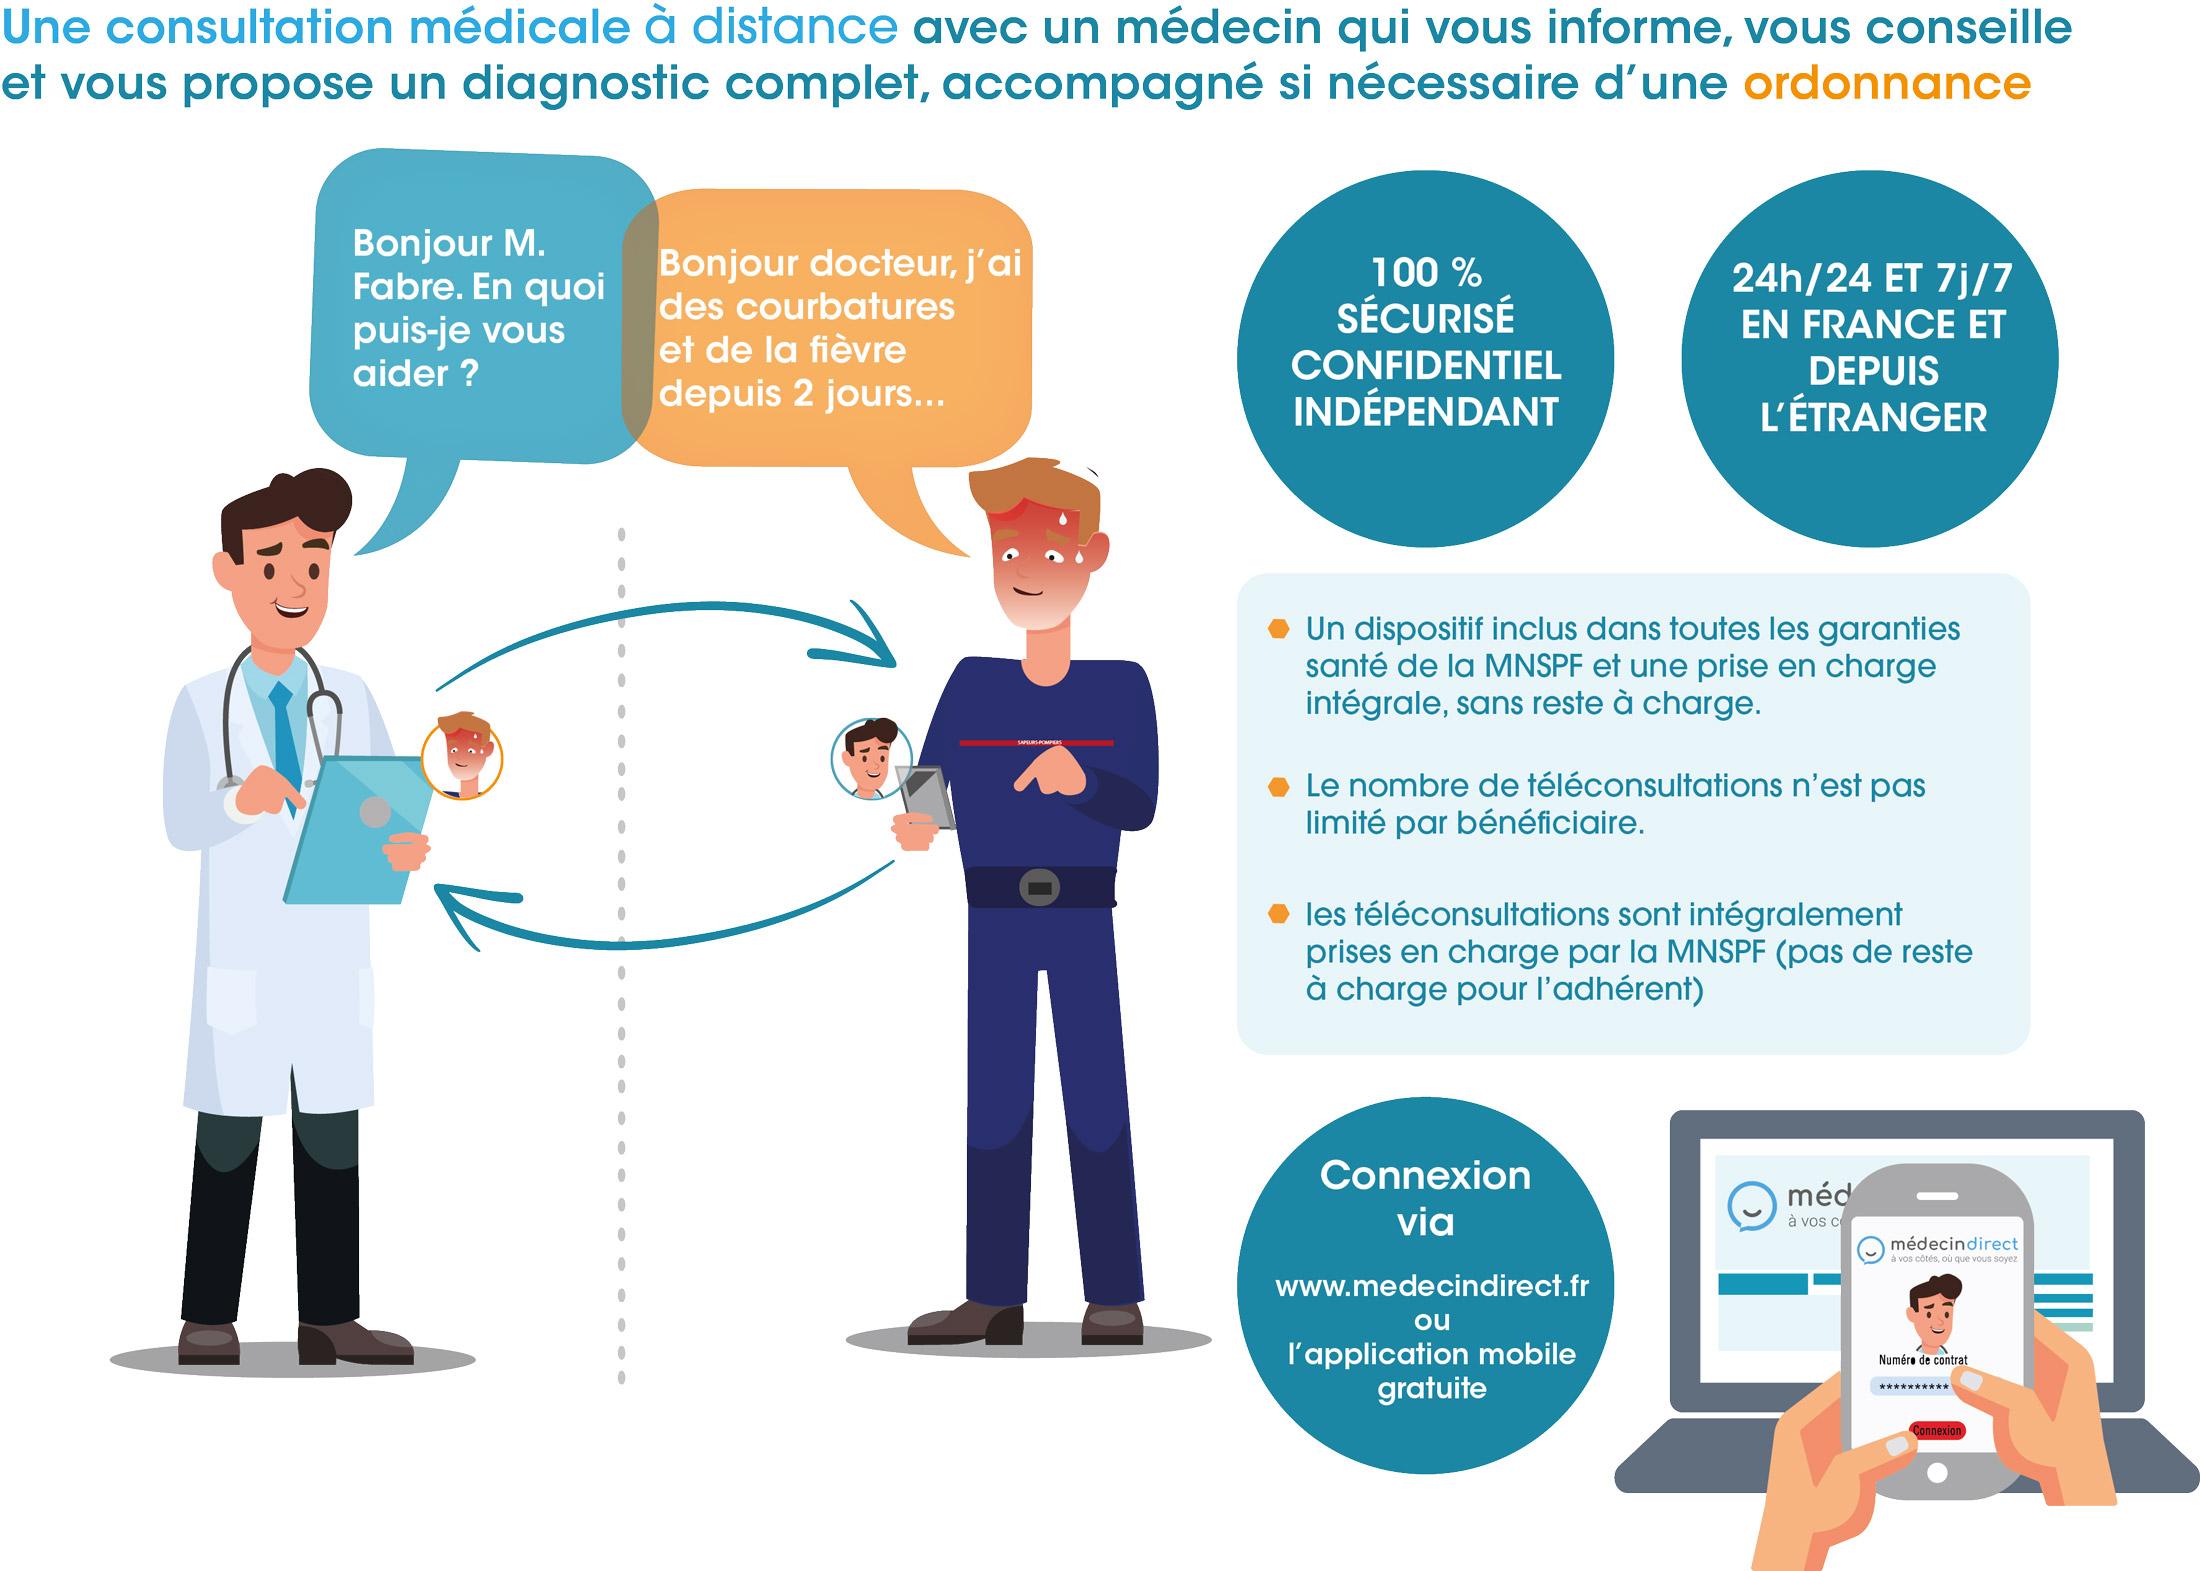 Comment fonctionne la téléconsultation médicale ?